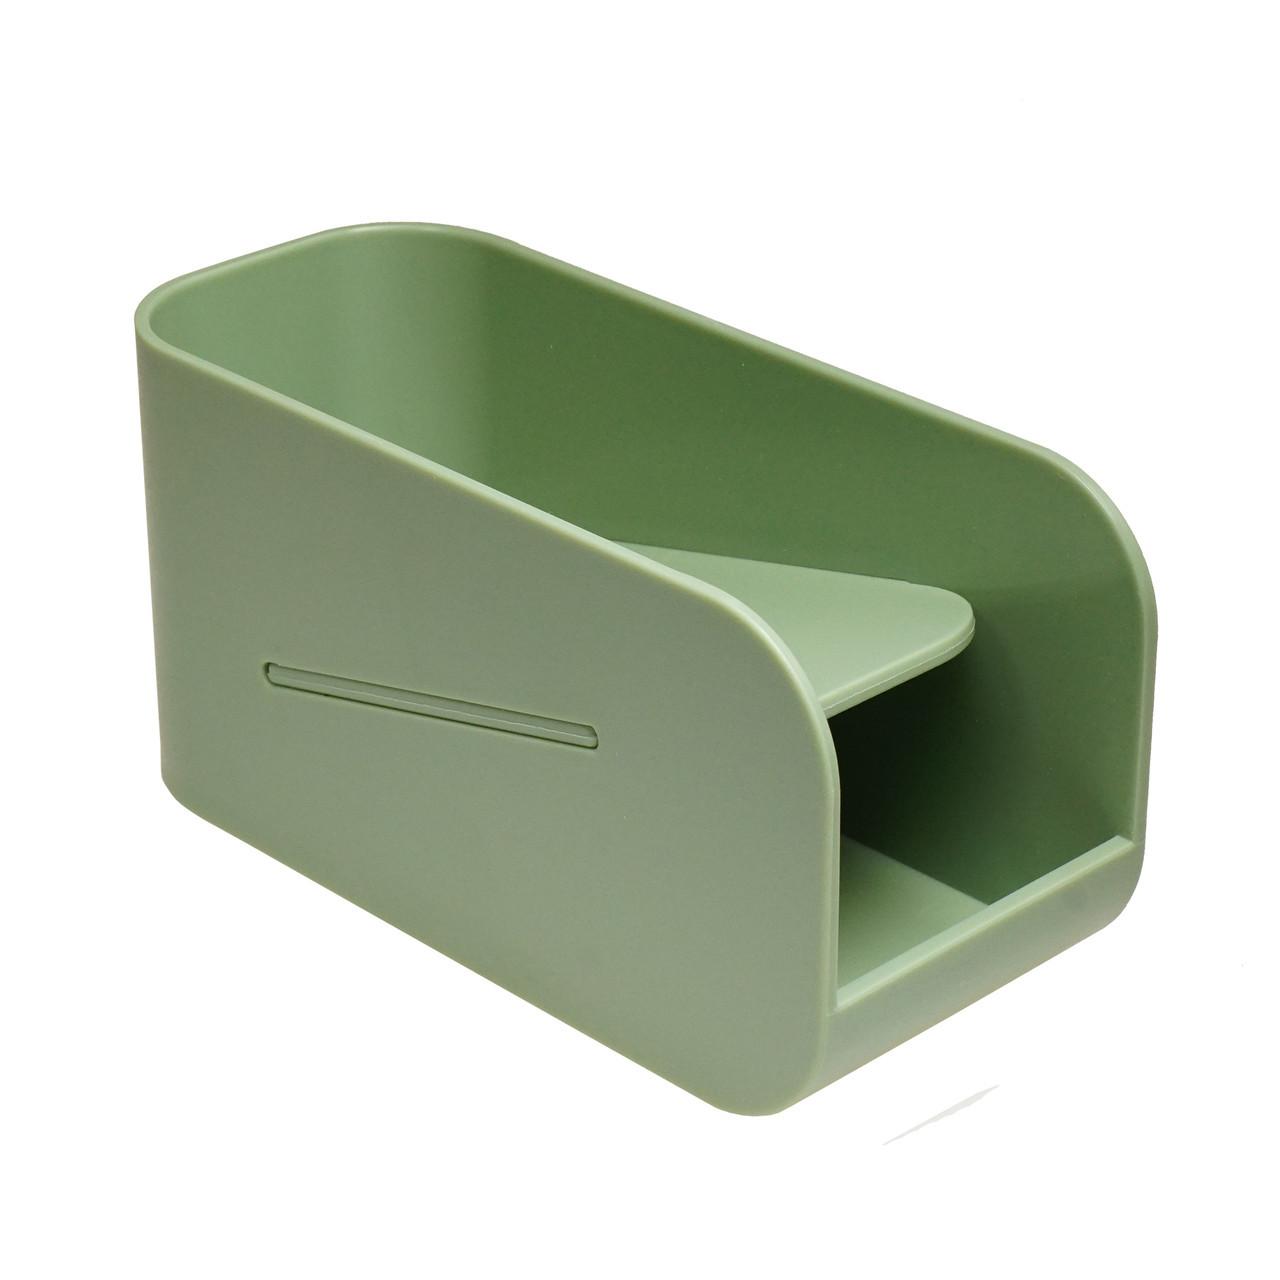 Подставка органайзер для канцелярских принадлежностей Supretto, Зеленый